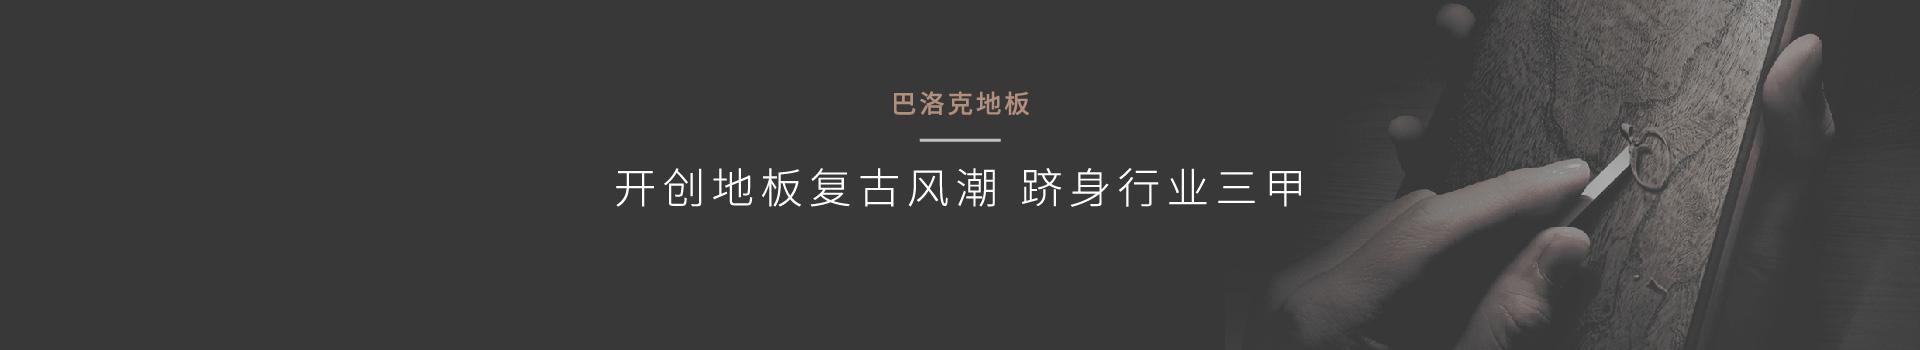 上海品牌策划公司策划巴洛克地板外贸转内销案例鼠标划过效果